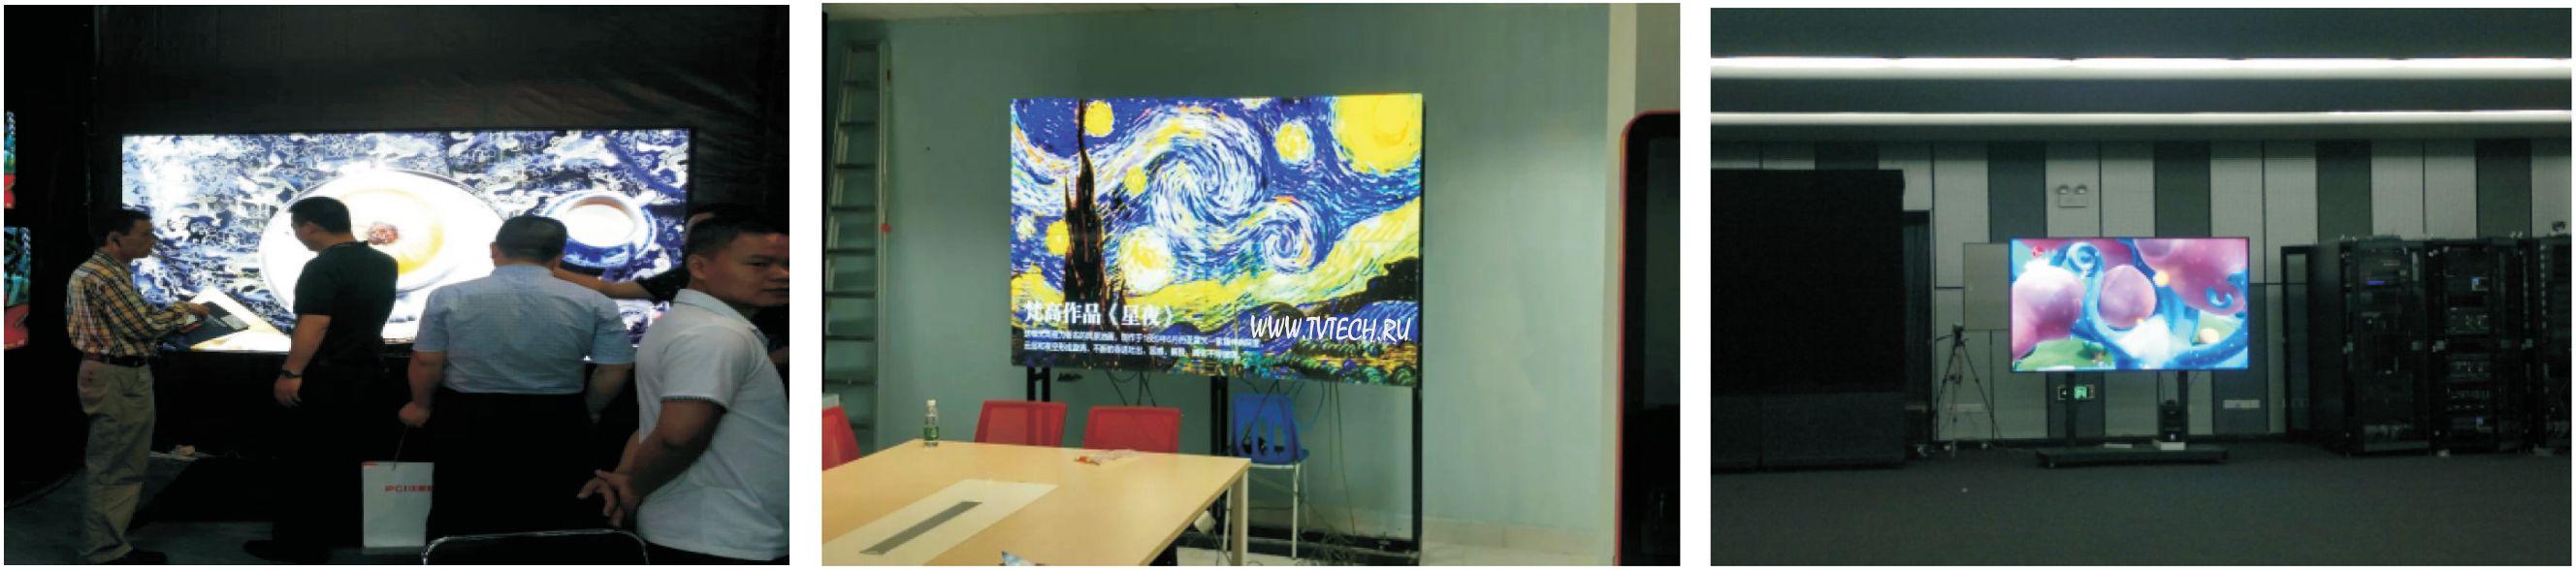 2x2 и 2x3 бесшовные ЖК видео стены с LCD панелями 0мм зазор